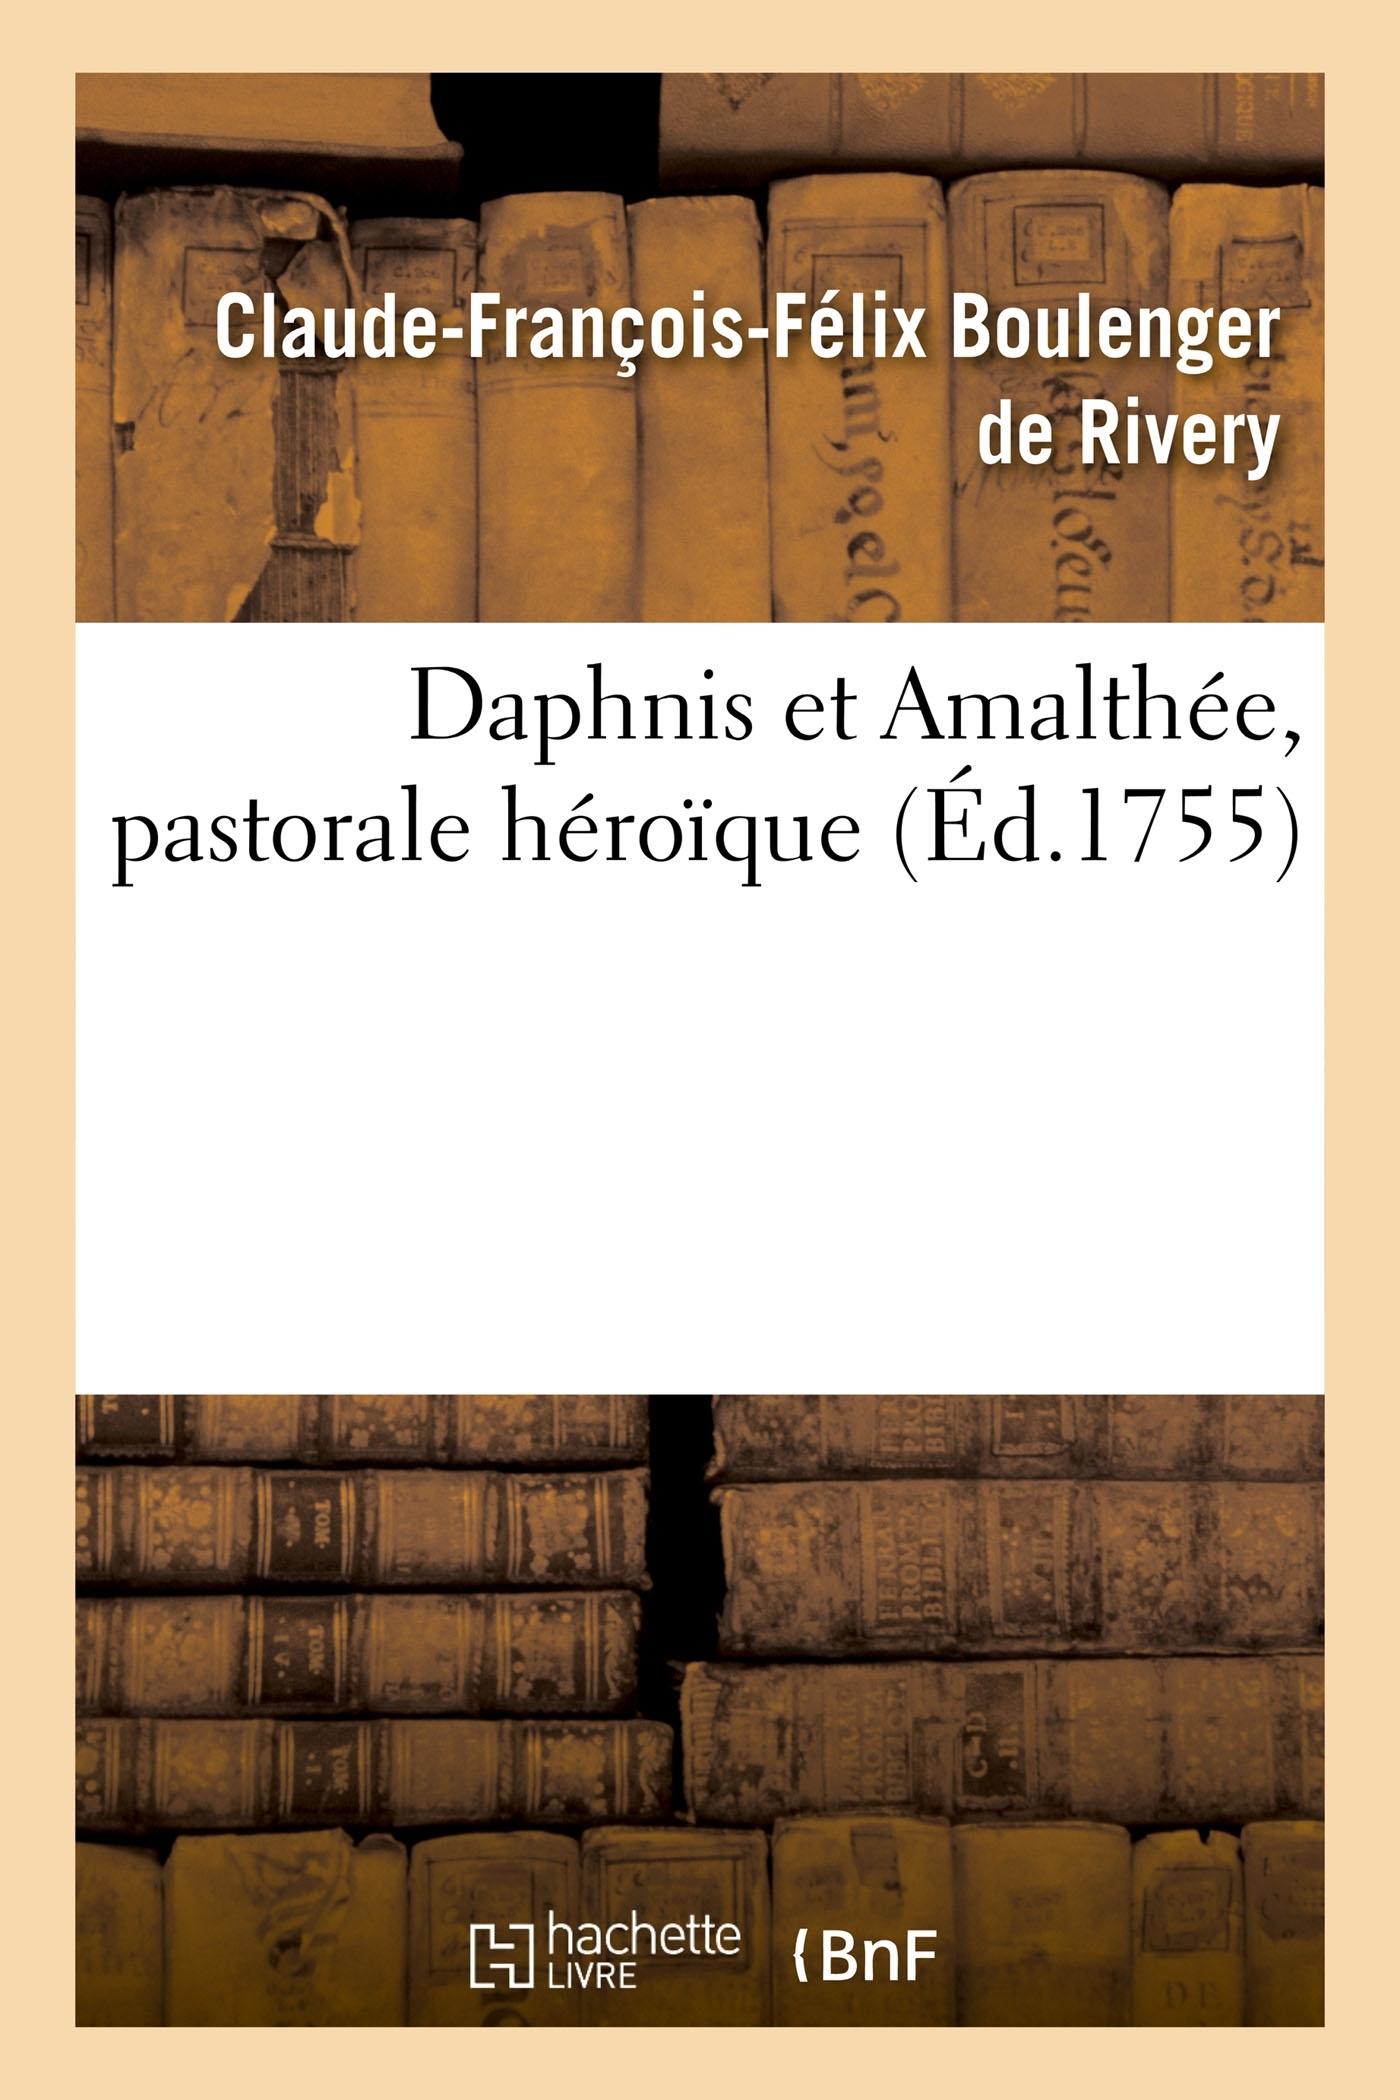 DAPHNIS ET AMALTHEE, PASTORALE HEROIQUE